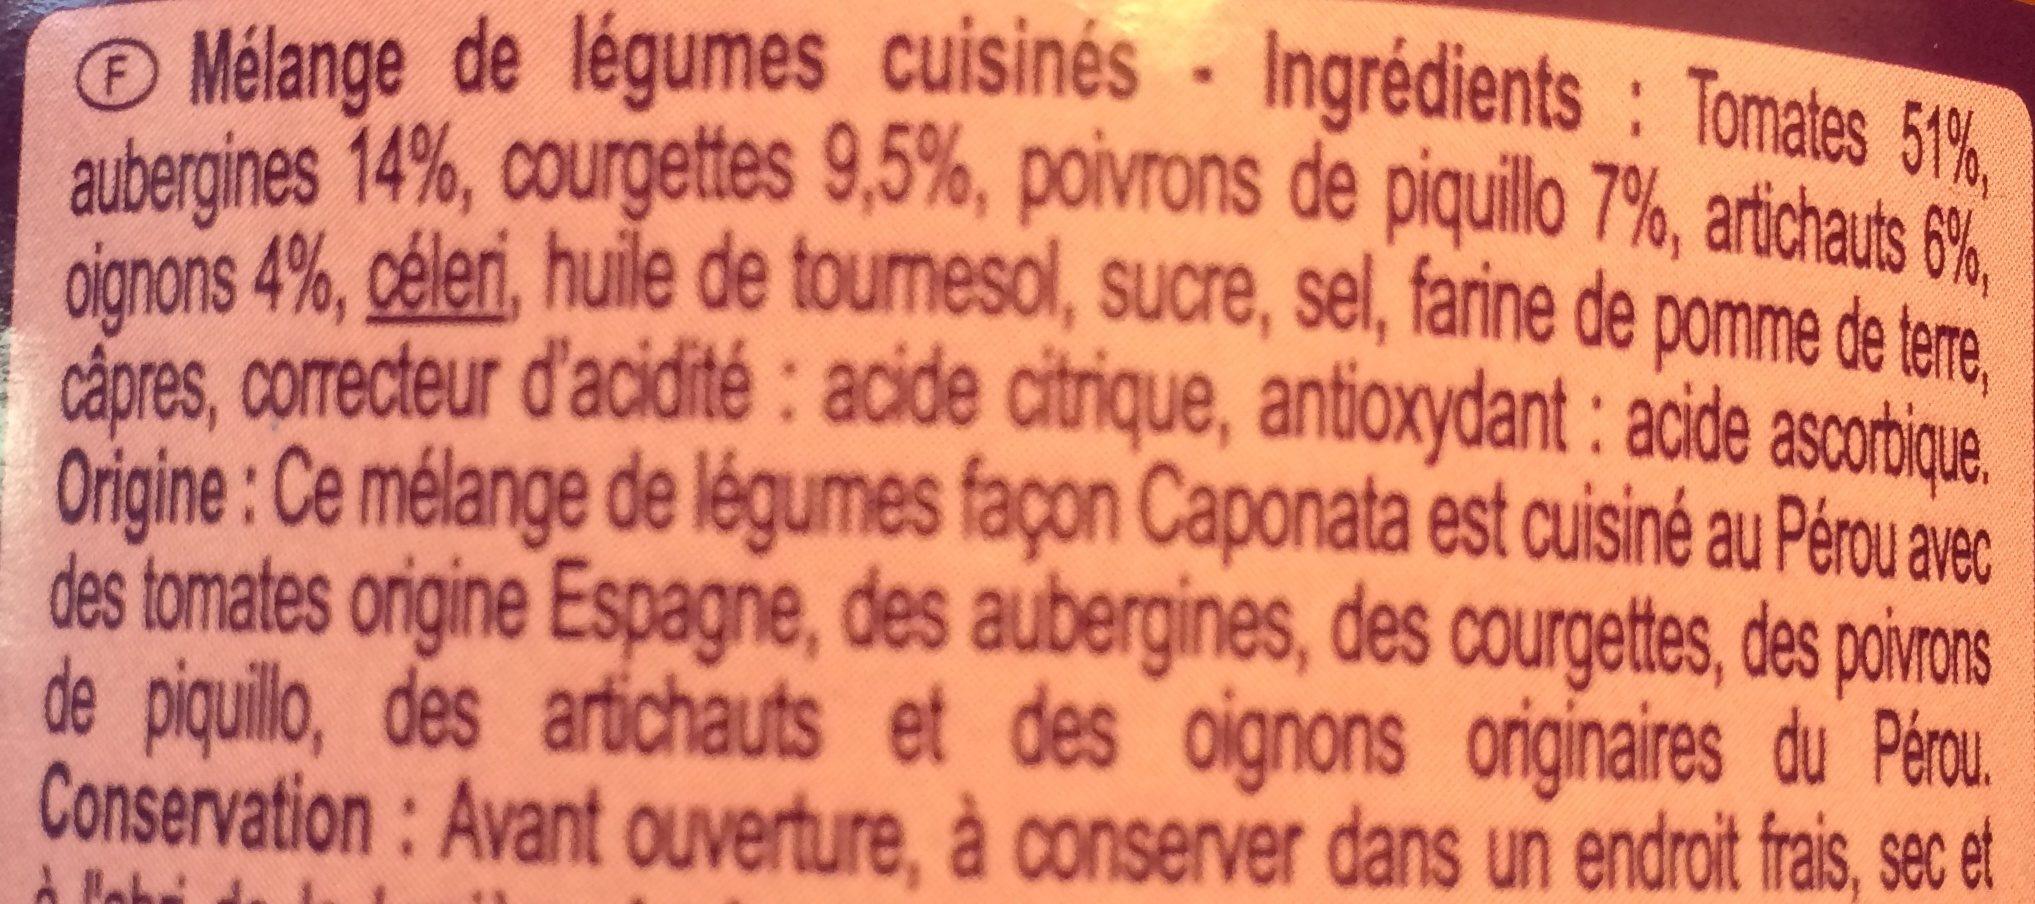 Caponata - légumes façon Groenten - Ingrédients - fr